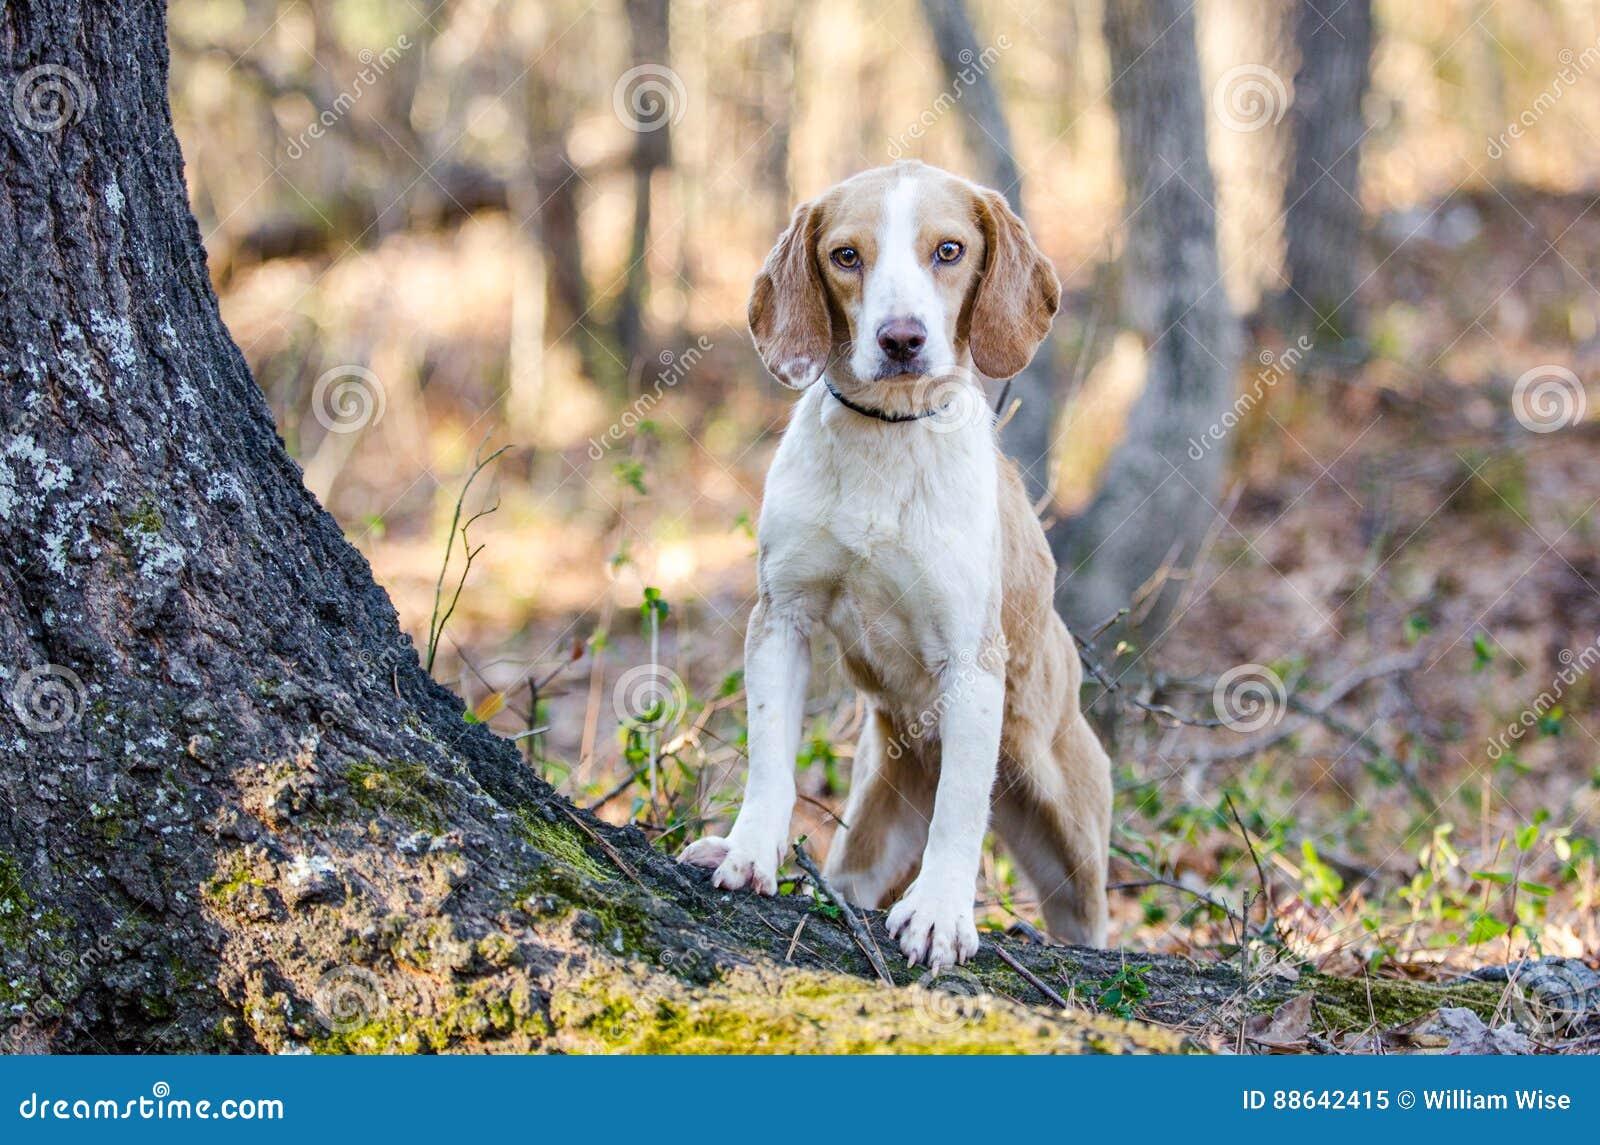 Beagle Dog Walton County Animal Shelter Stock Image Image